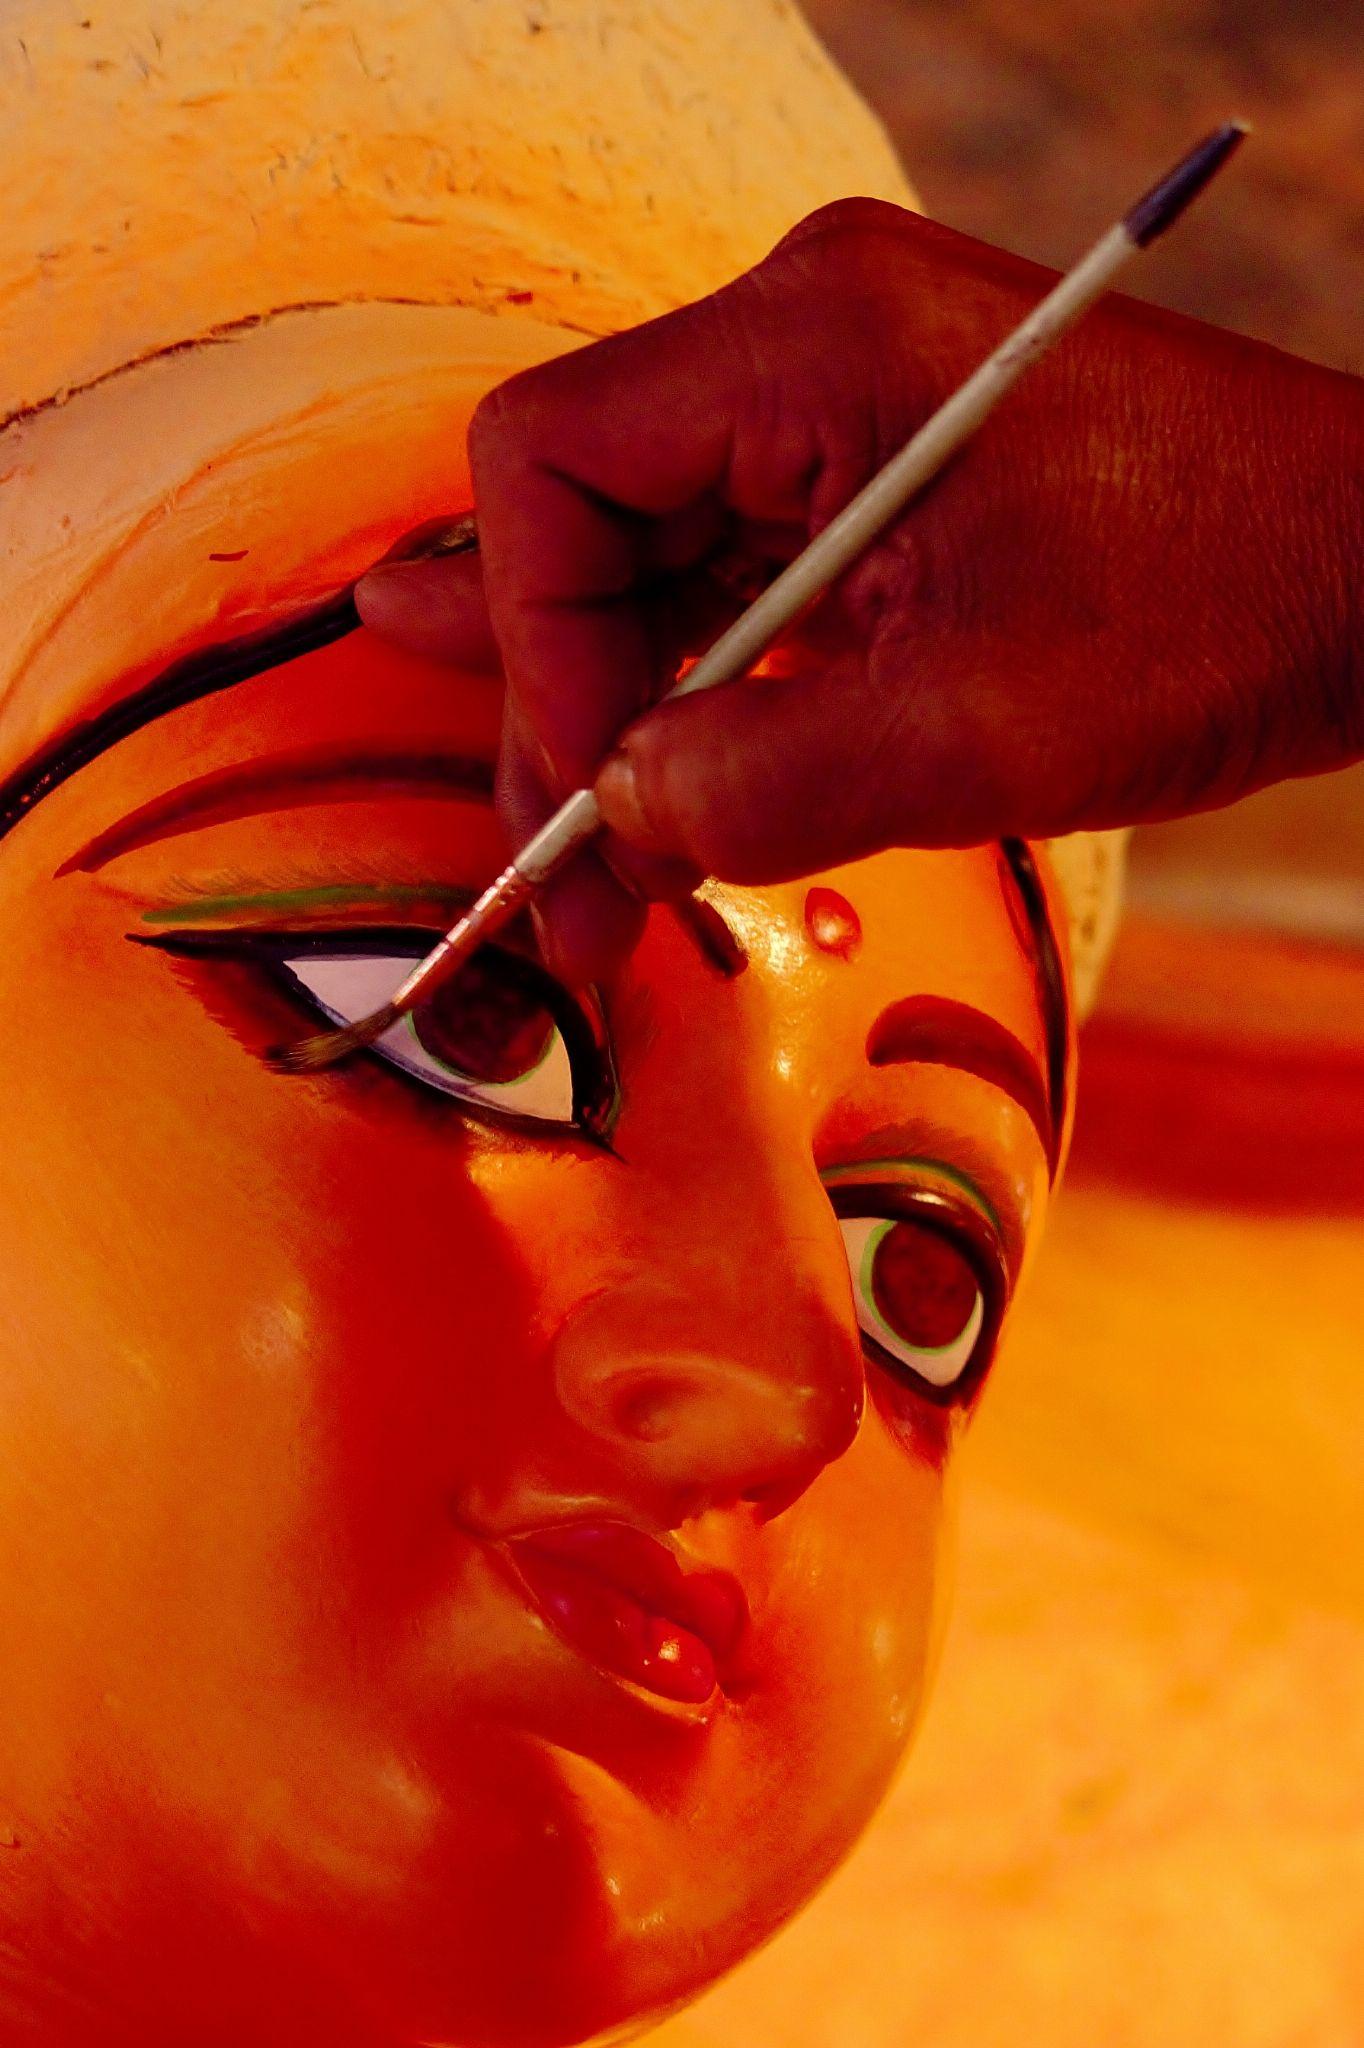 Untitled by Shuvarthy Chowdhury